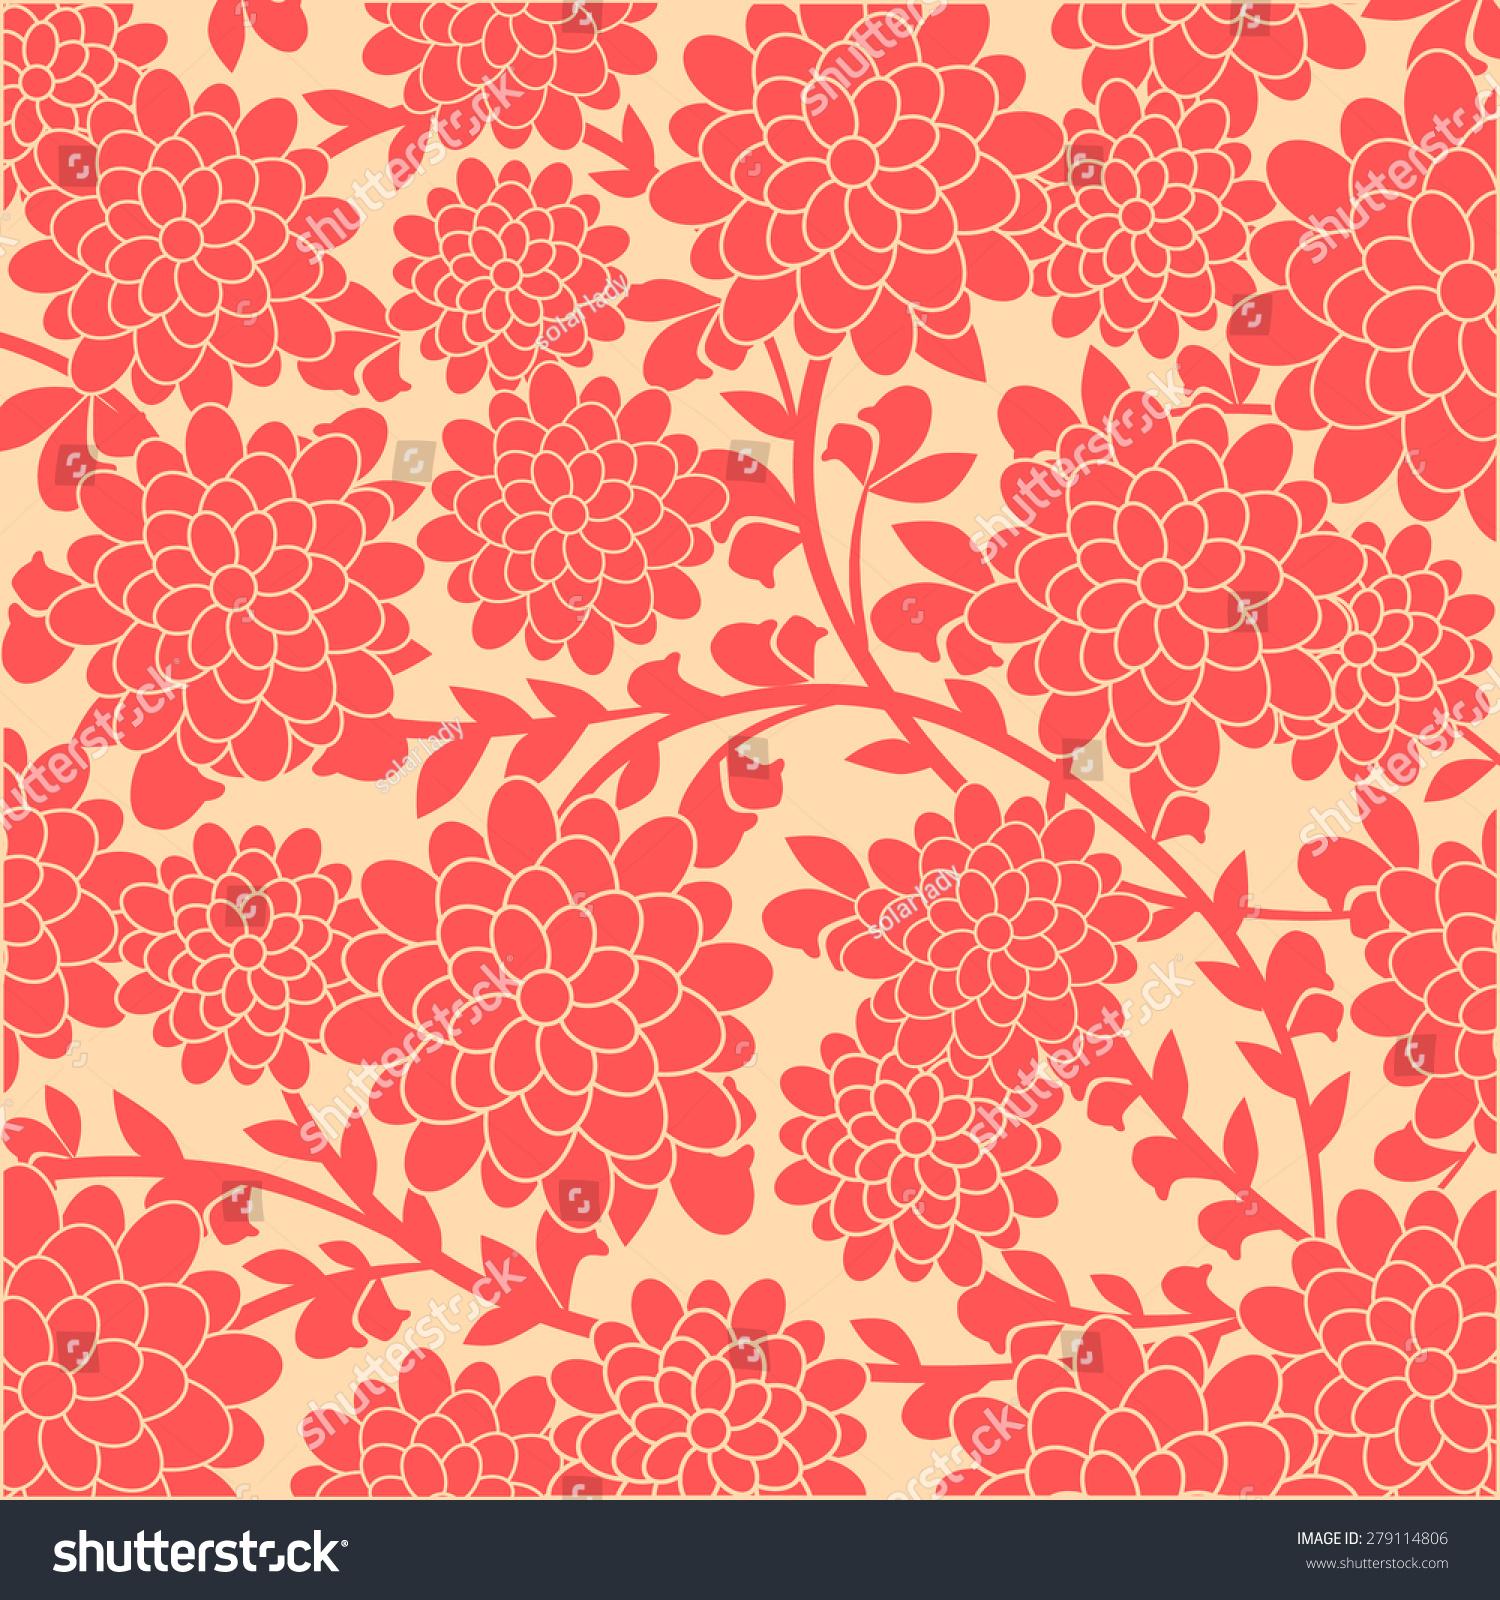 Japanese Floral Background Vector Illustration Backgrounds